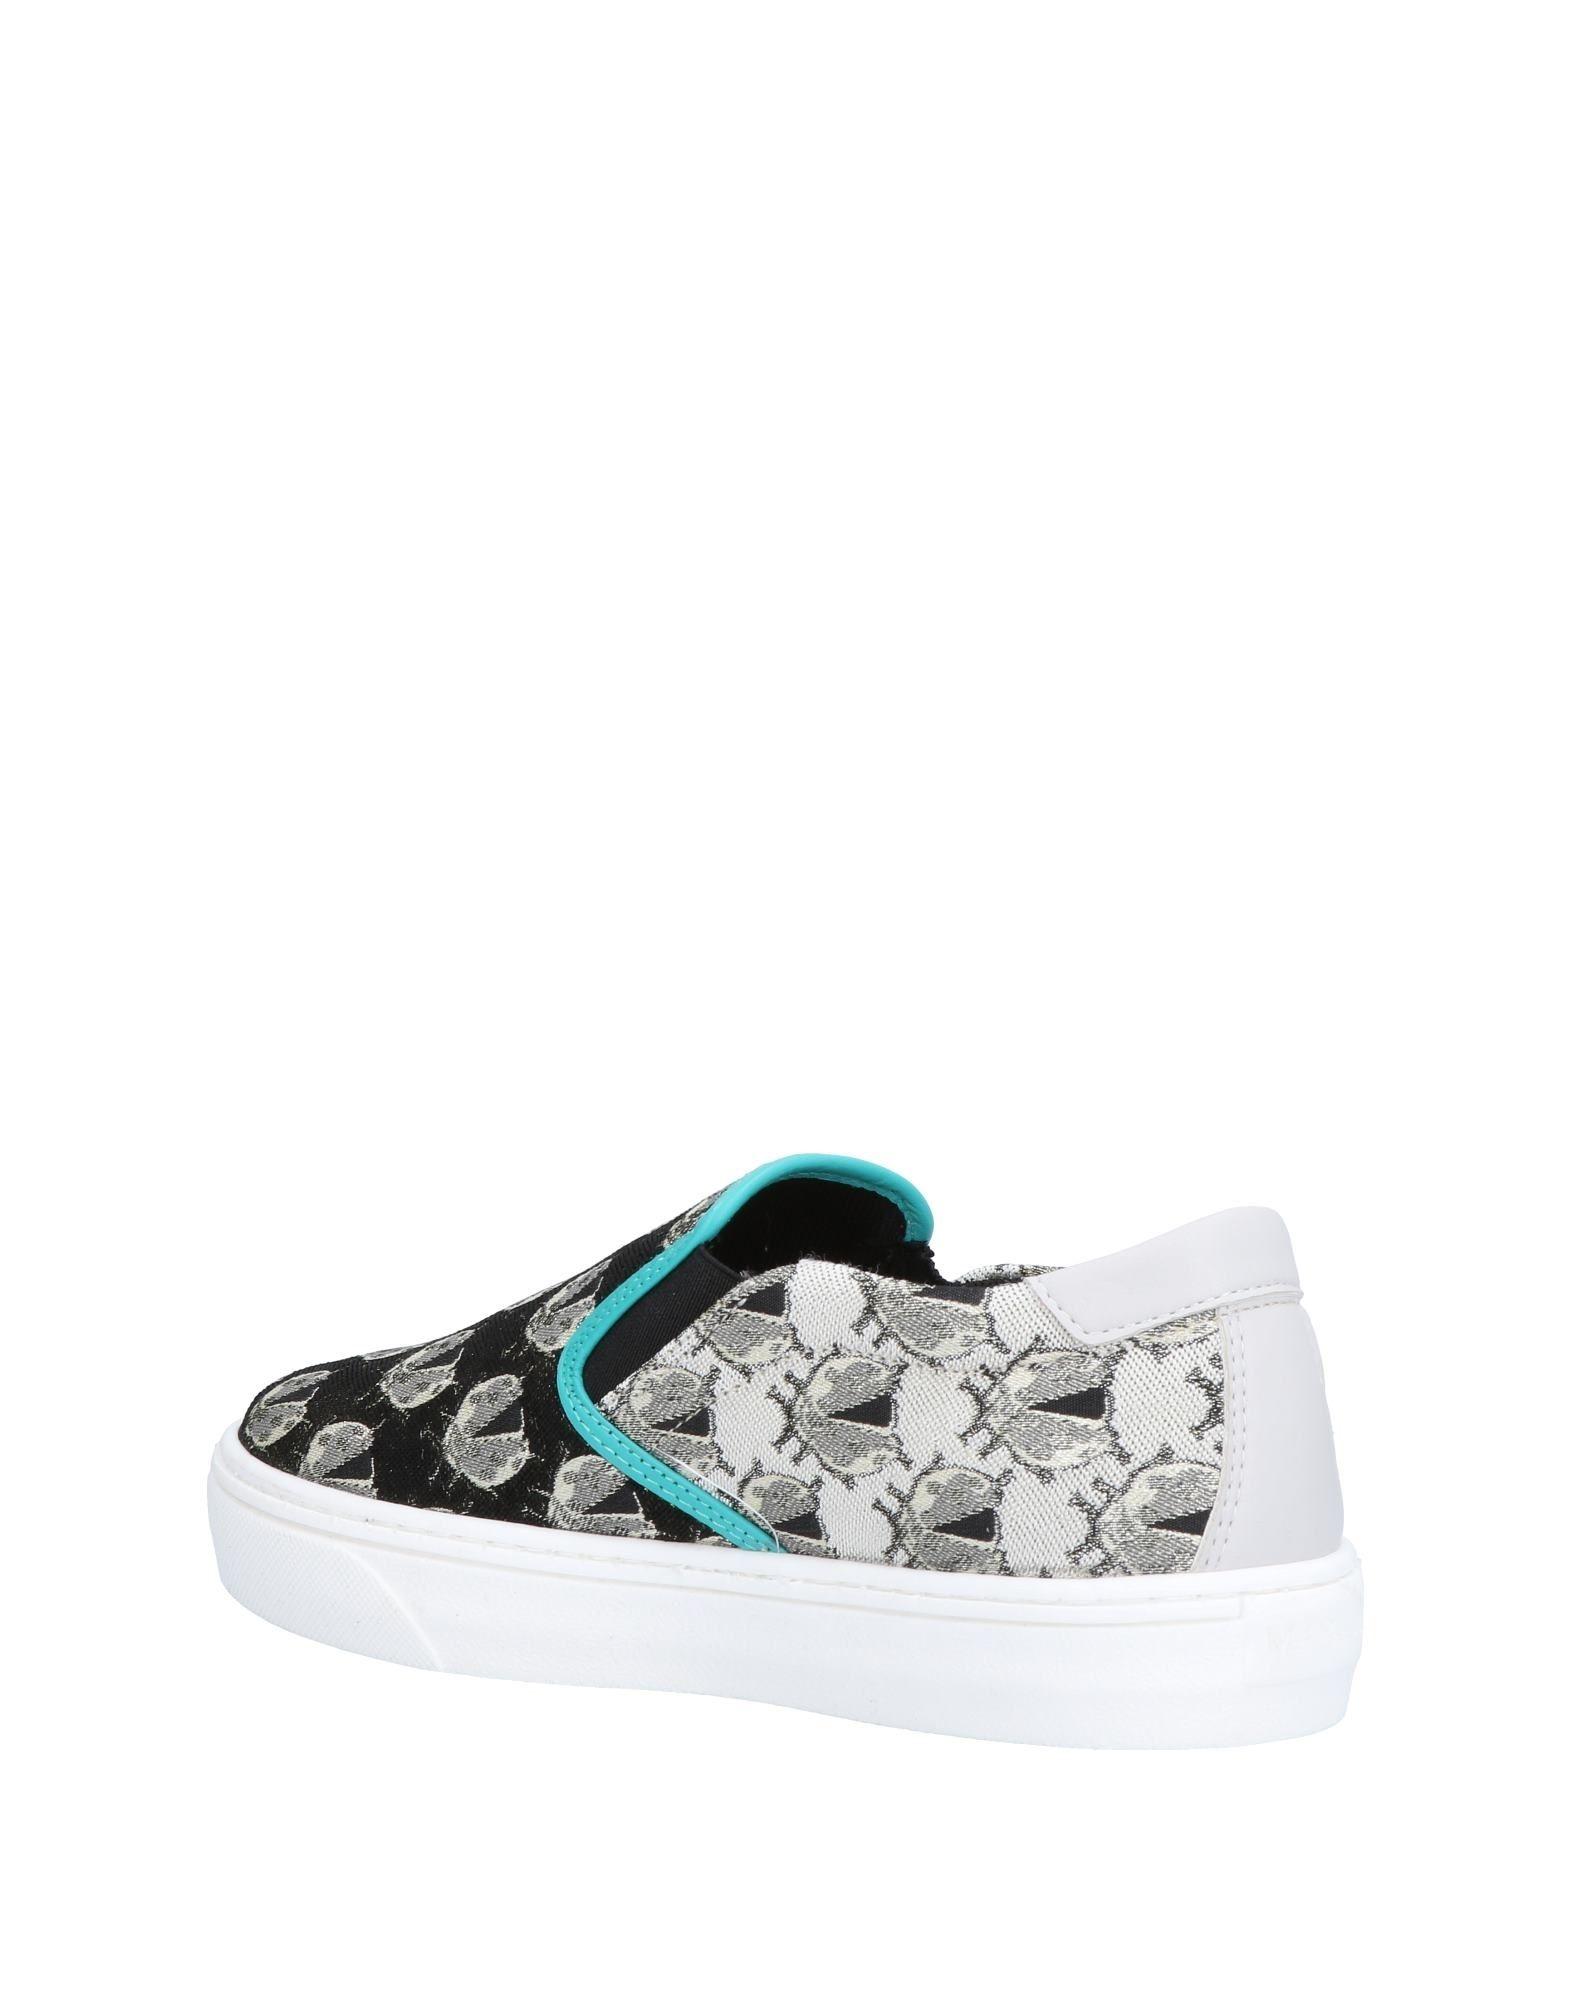 Max & Co. Sneakers Damen  Schuhe 11489555JA Gute Qualität beliebte Schuhe  a7582e